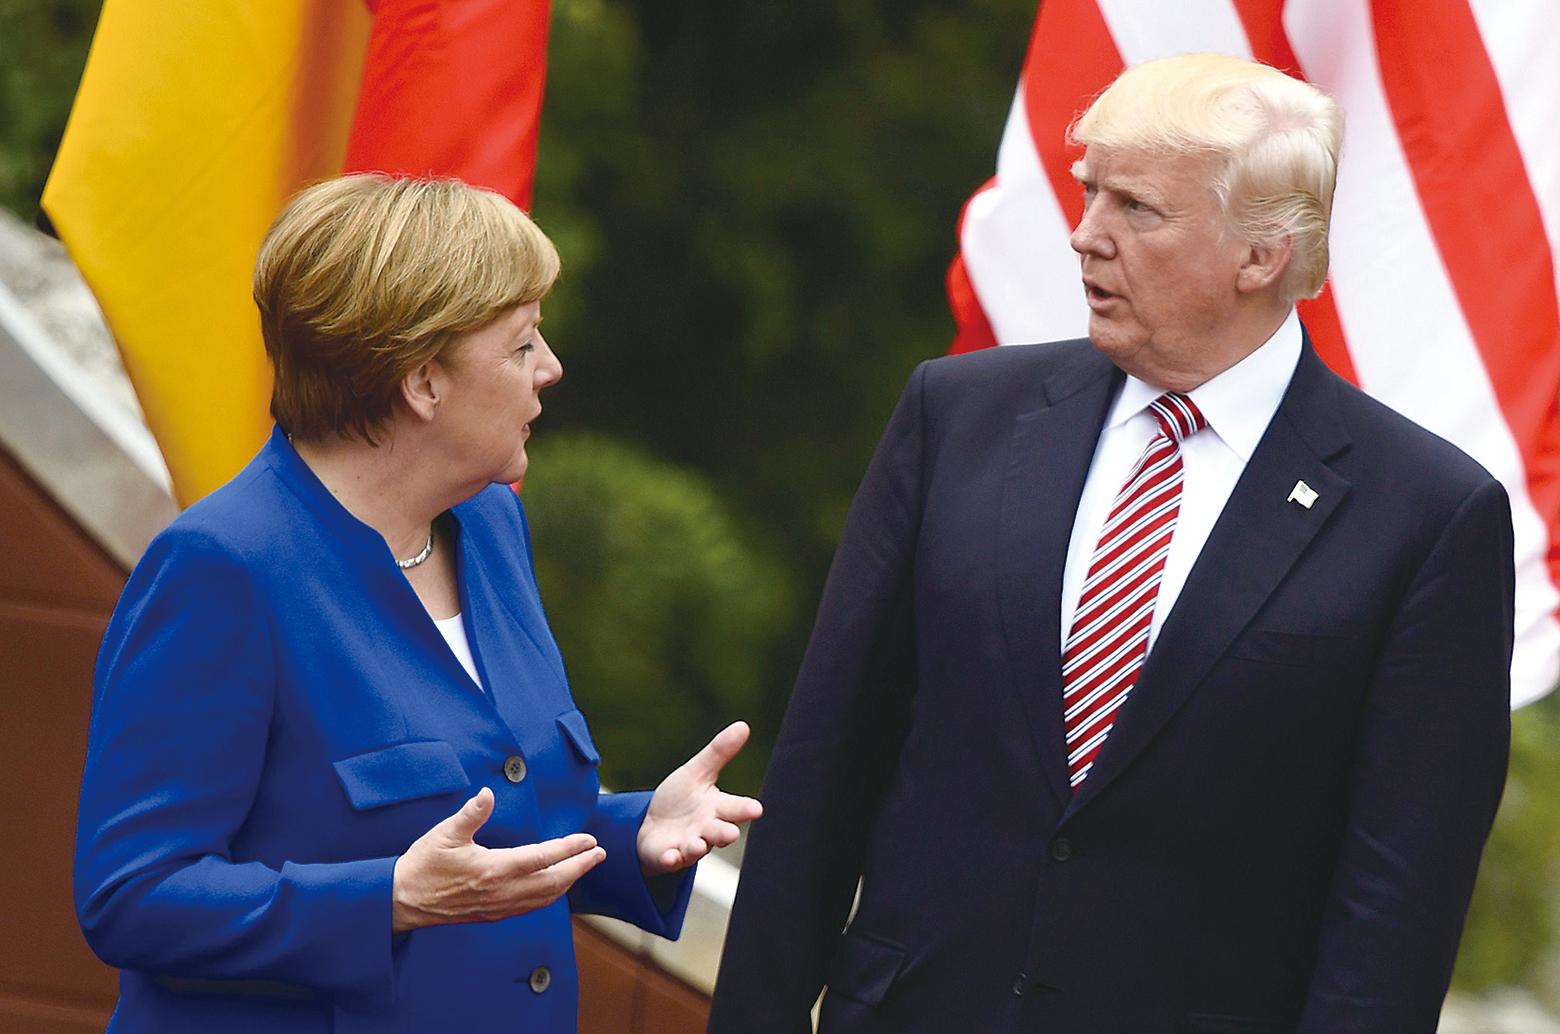 特朗普(右)和默克爾(左)在G7峰會期間。(AFP)